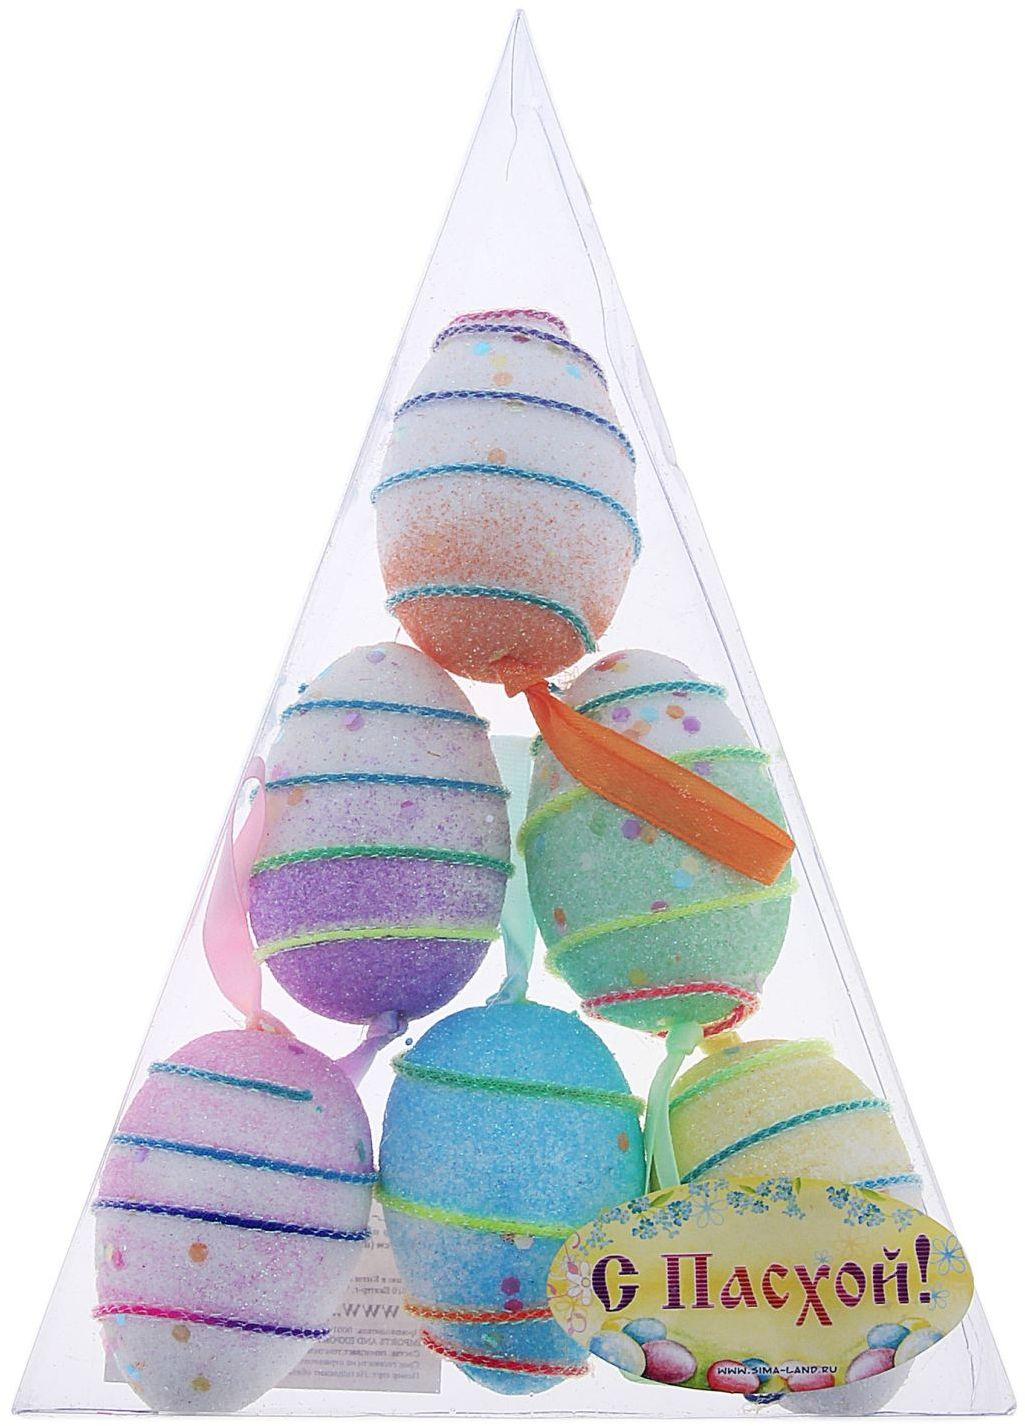 Сувенир пасхальный Sima-land Яйцо. Спираль, 4 х 6 см, 6 шт74-0120Яйцо - это главный пасхальный символ, который символизирует для христиан новую жизнь и возрождение, поэтому его присутствие на праздничном столе является обязательным элементом во многих странах.Сегодня крашеными яйцами принято не только украшать праздничный стол. Если вы решили серьёзно подойти к декору квартиры, и вам нужно, например, подвесить яйца, закрепить на веточках, в этом вам поможет сувенир - пасхальное яйцо Спираль (набор 6 шт) - очаровательный символ, который покорит сердце каждого. Можете уложить эти чудесные яйца в плетёную корзинку, на красивую салфетку, и перед вами уже готовый подарок или композиция для сервировки стола. Приобретая такой сувенир, вы сэкономите кучу времени на росписи яиц, оставив его на выпечку самого вкусного кулича.